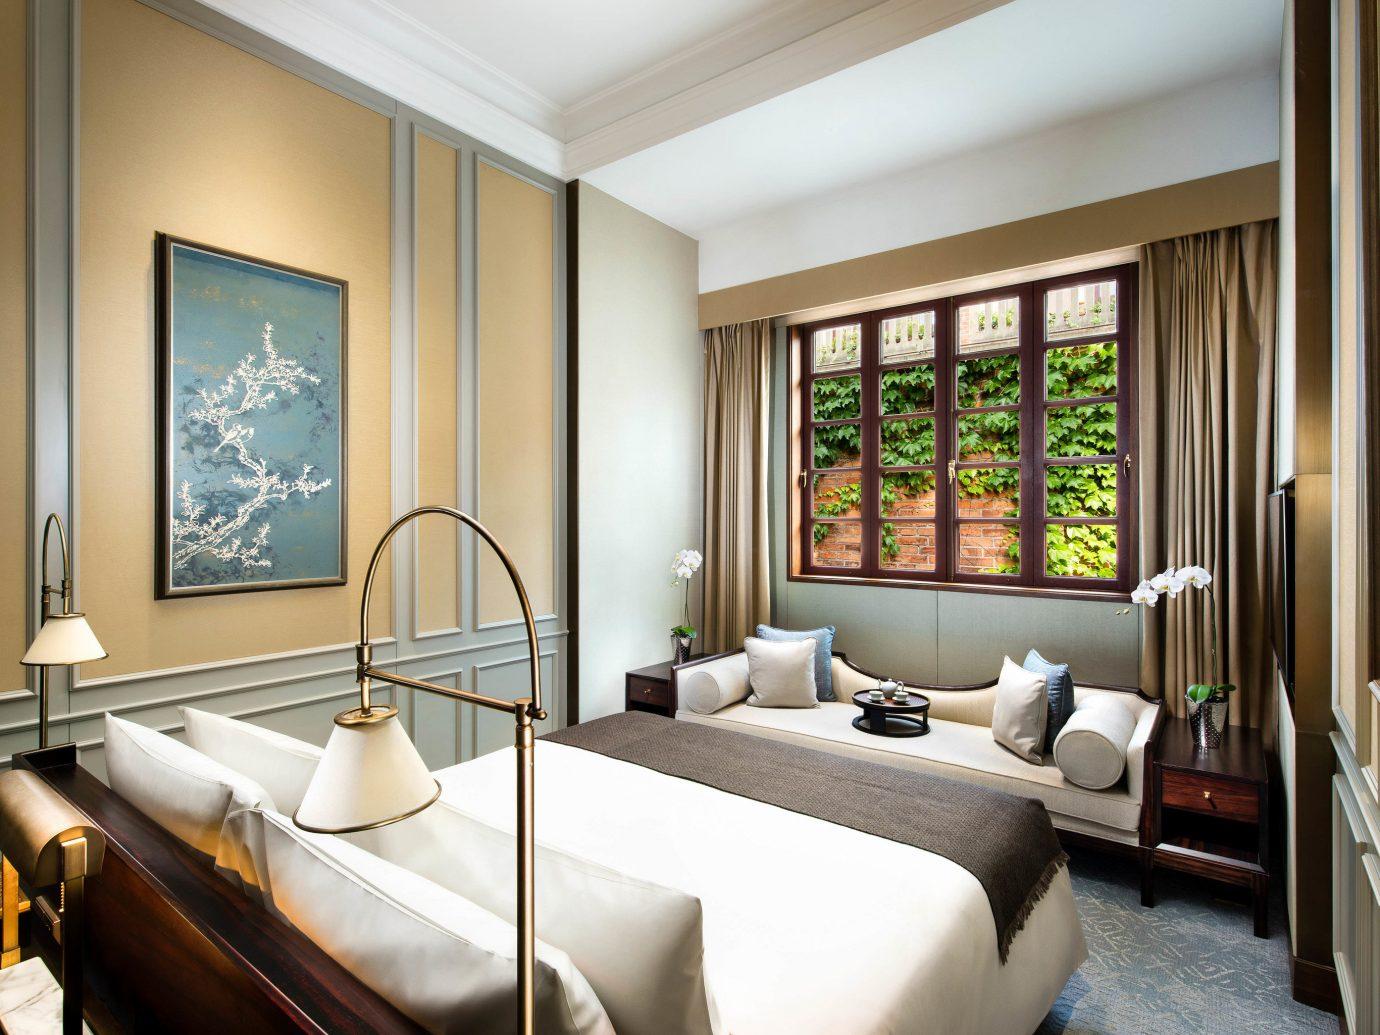 Boutique Hotels Luxury Travel indoor room window interior design Suite ceiling Bedroom real estate hotel interior designer furniture